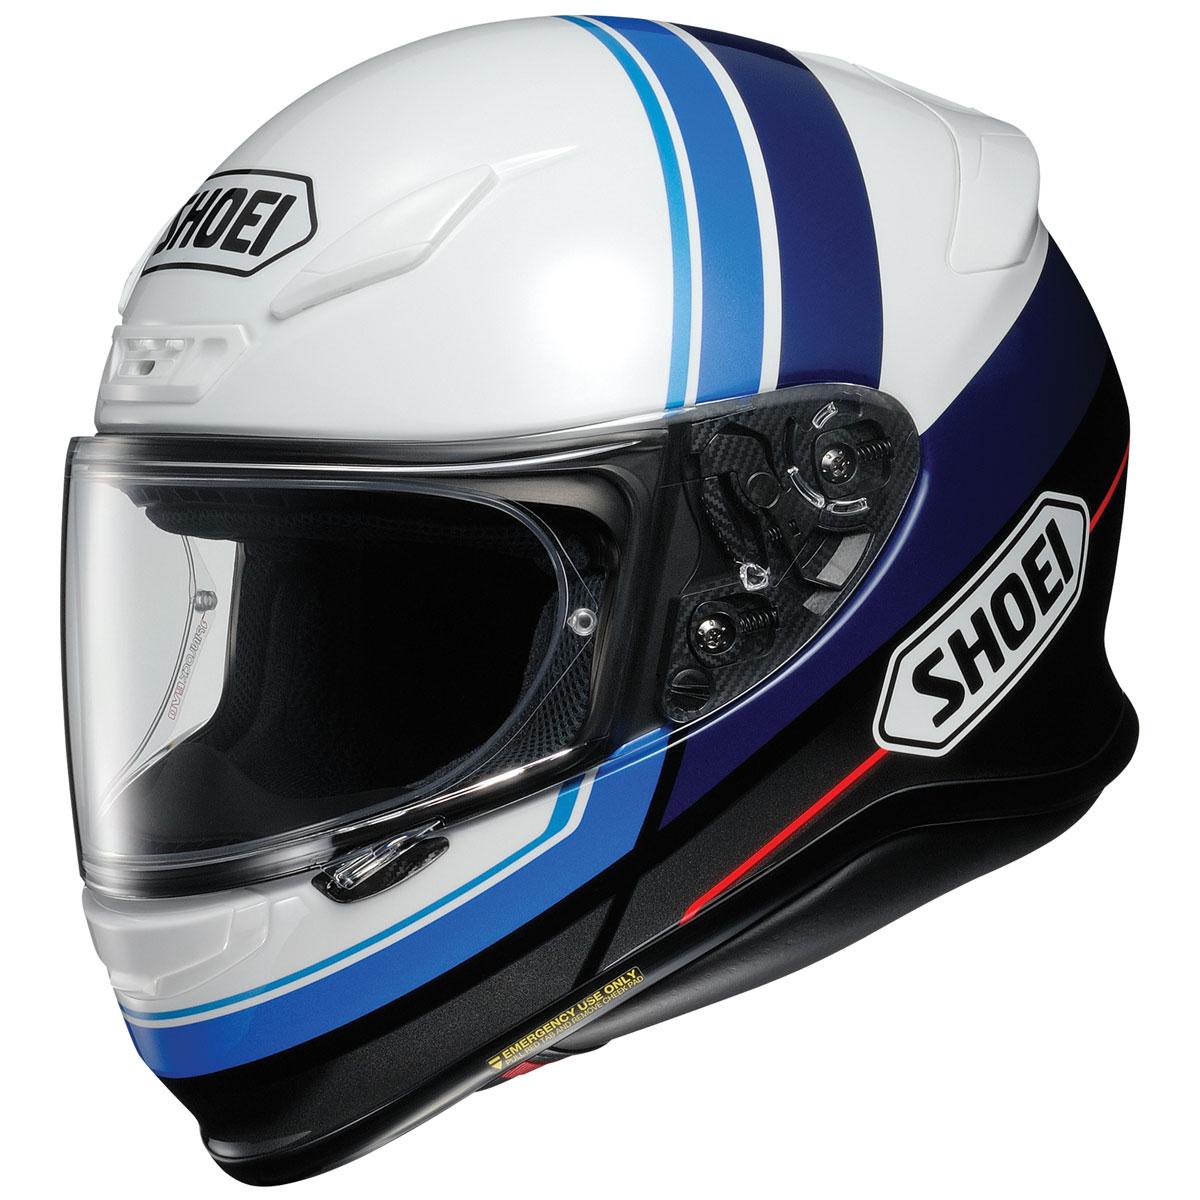 Shoei RF-1200 Philosopher Blue/White Full Face Helmet